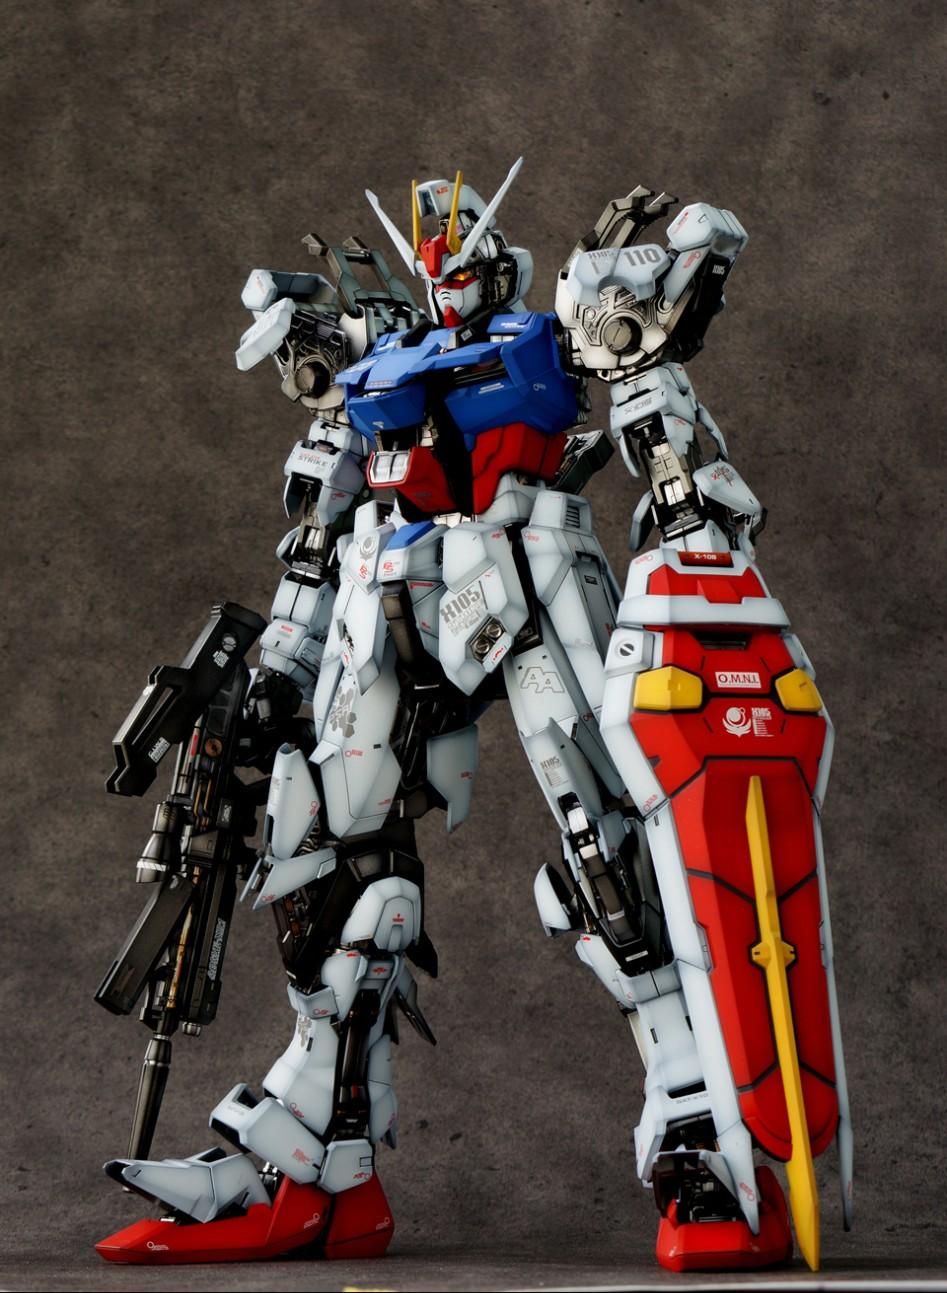 Gundam - Magazine cover